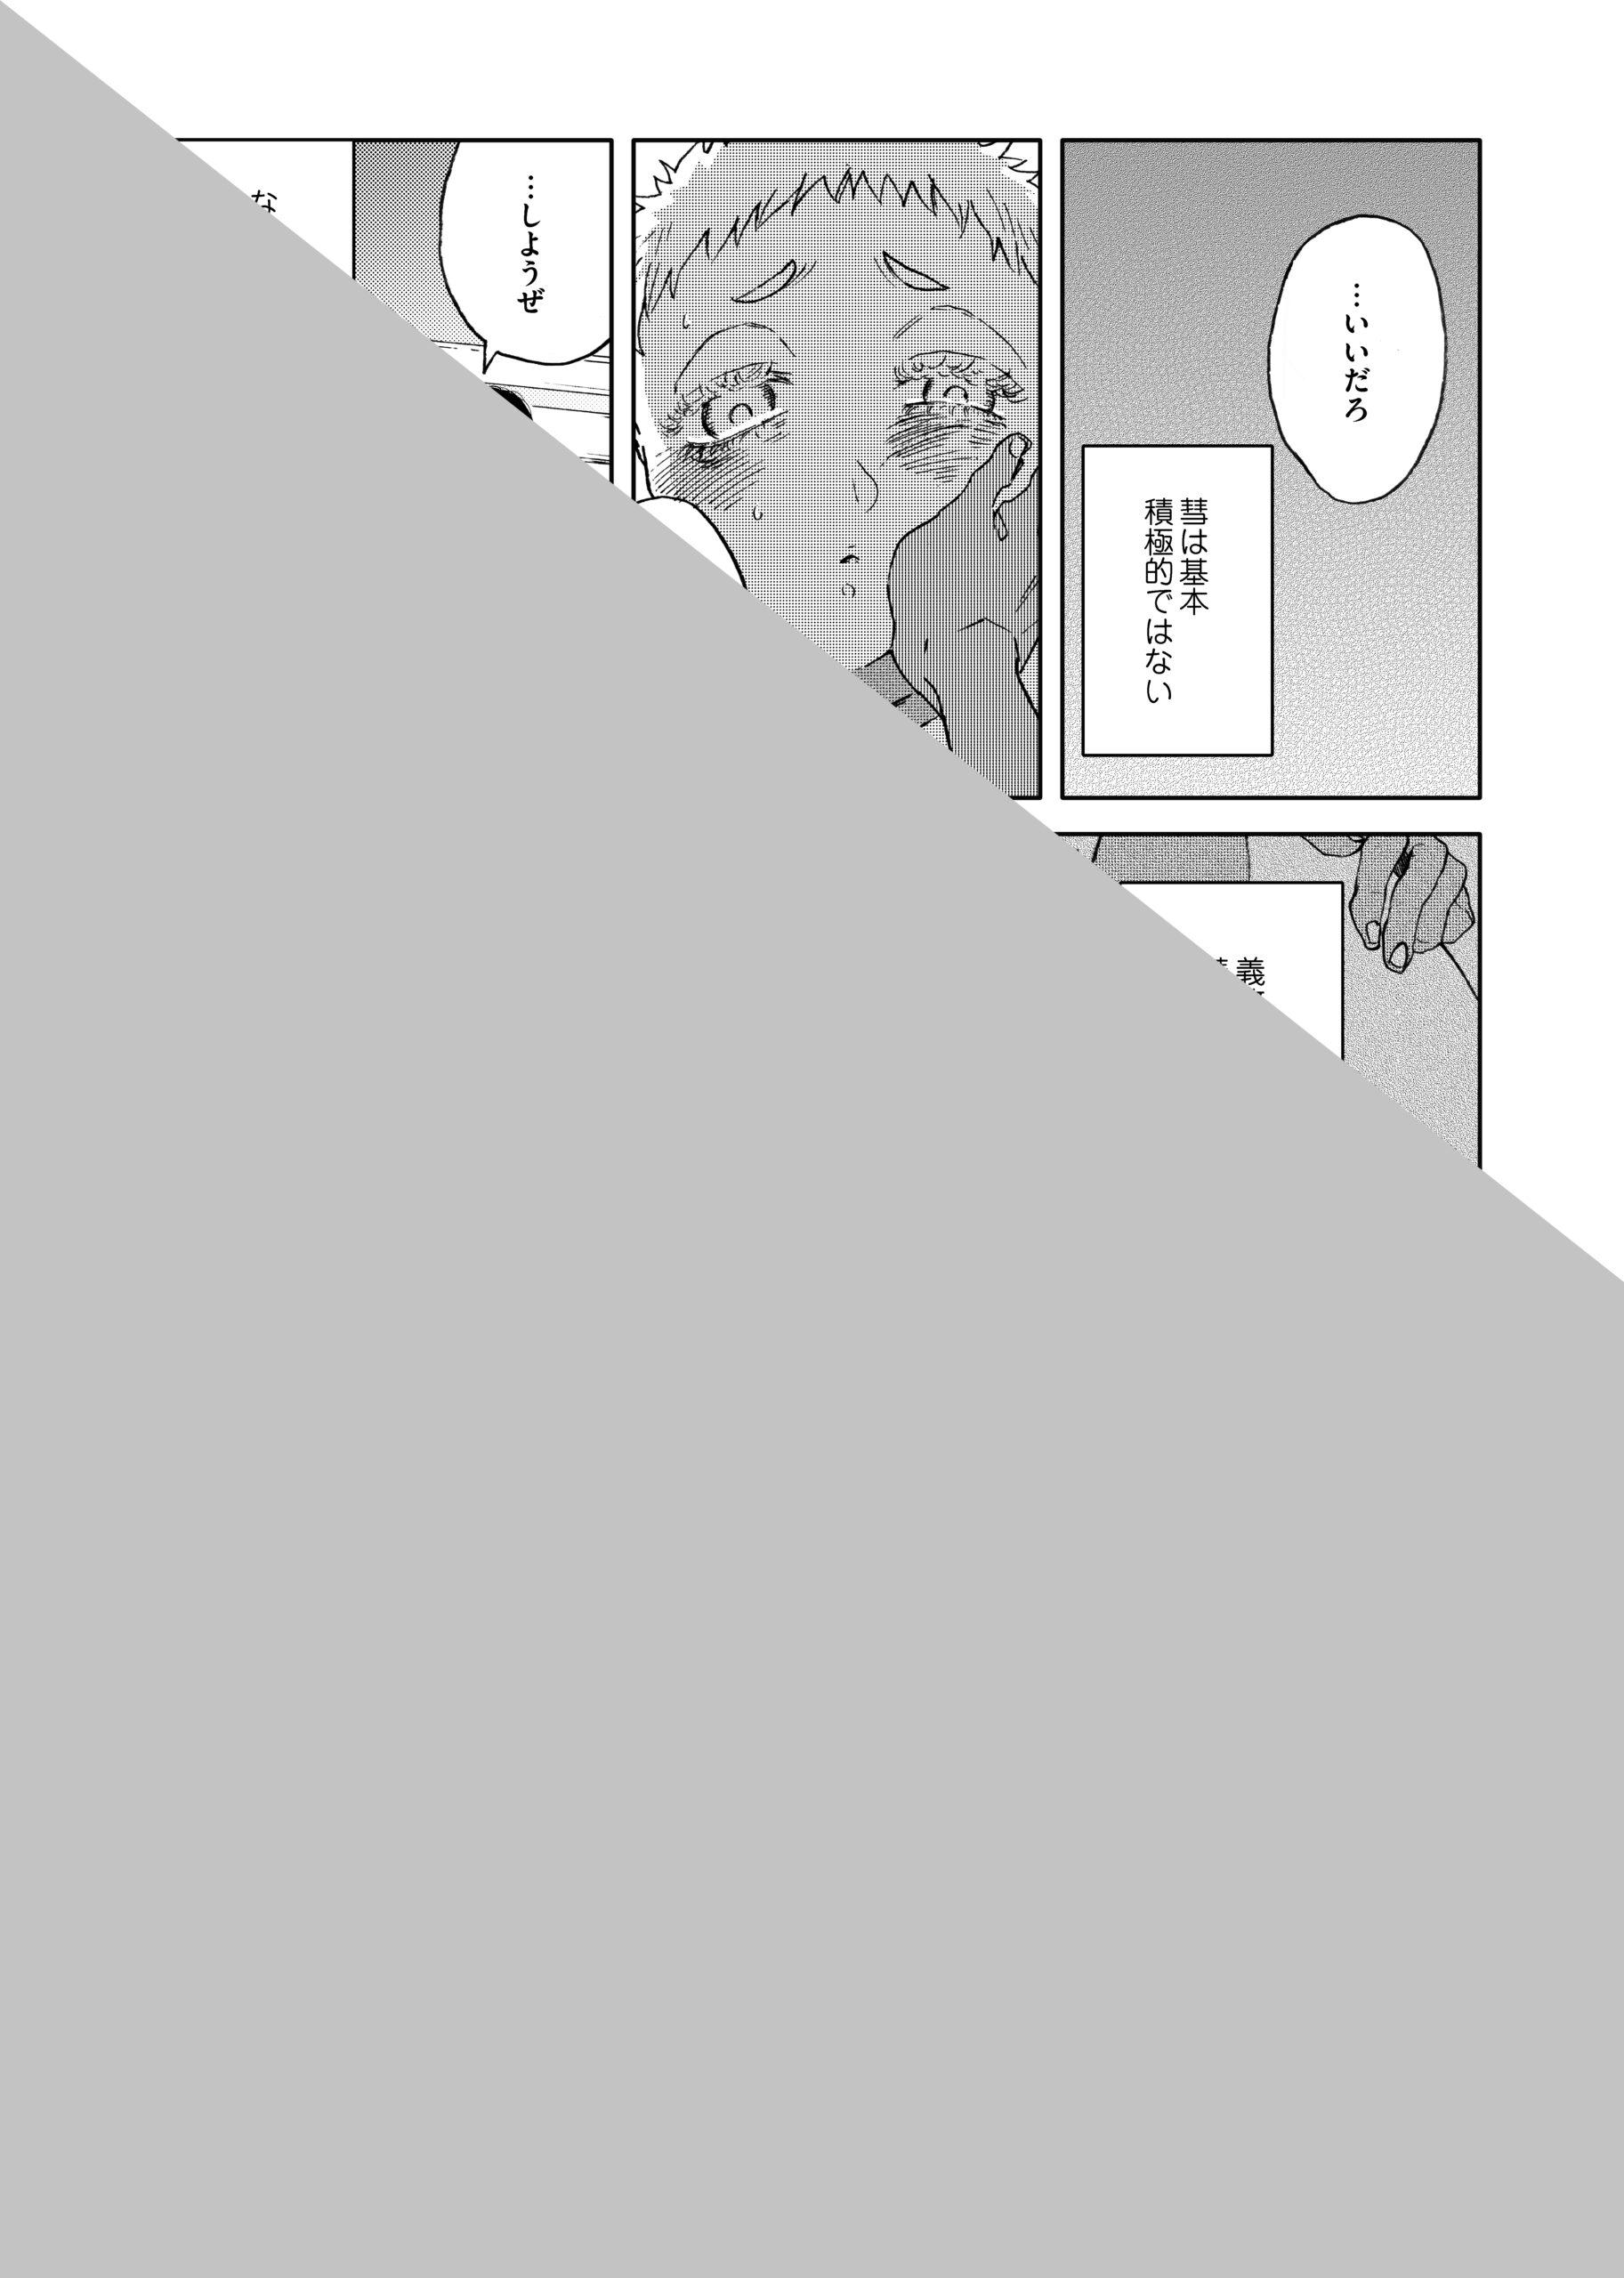 円場喜与_アネモネ